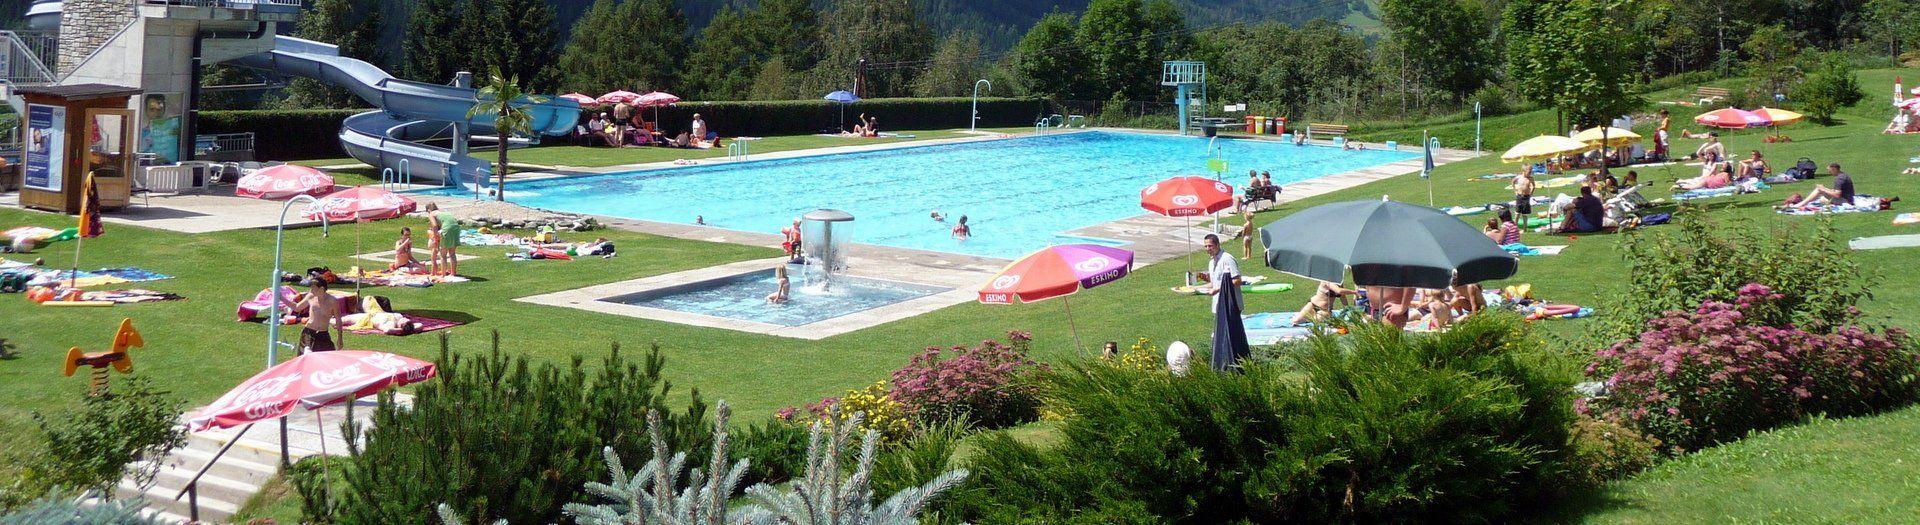 Freibäder & Badeseen in Osttirol - zum Entspannen, Plantschen und Schwimmen